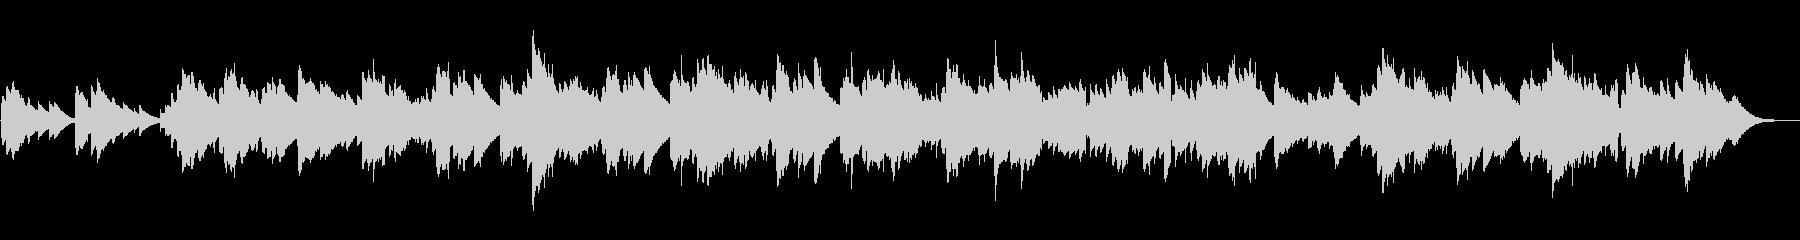 ノスタルジックなオルゴール風BGMの未再生の波形